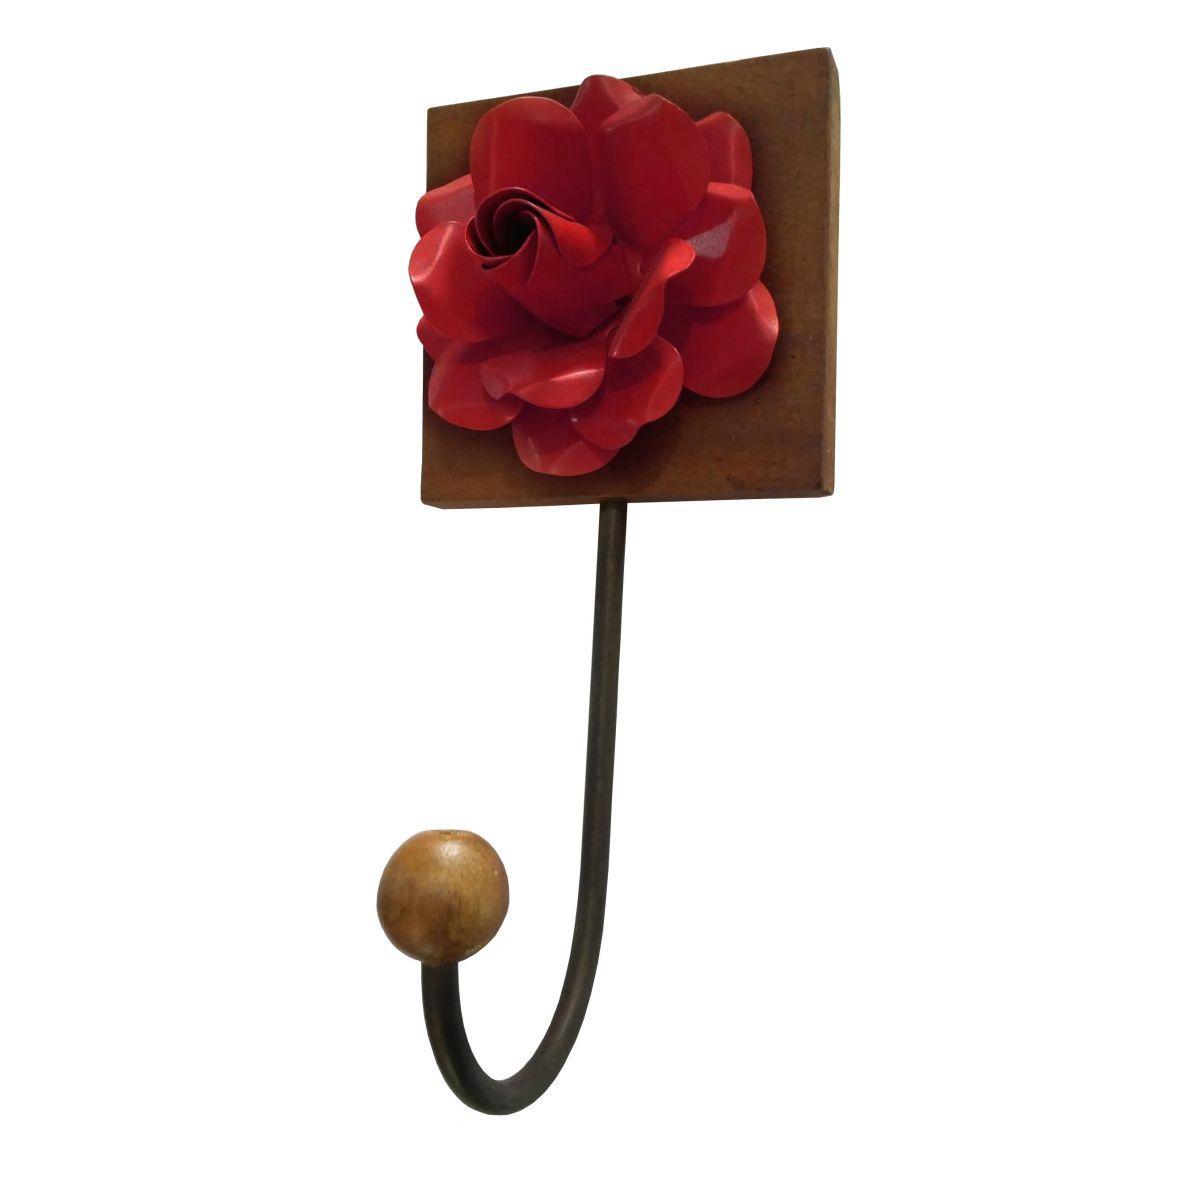 Cabide de Ferro Artesanal com Flores Rusticas para Parede com Ganchos